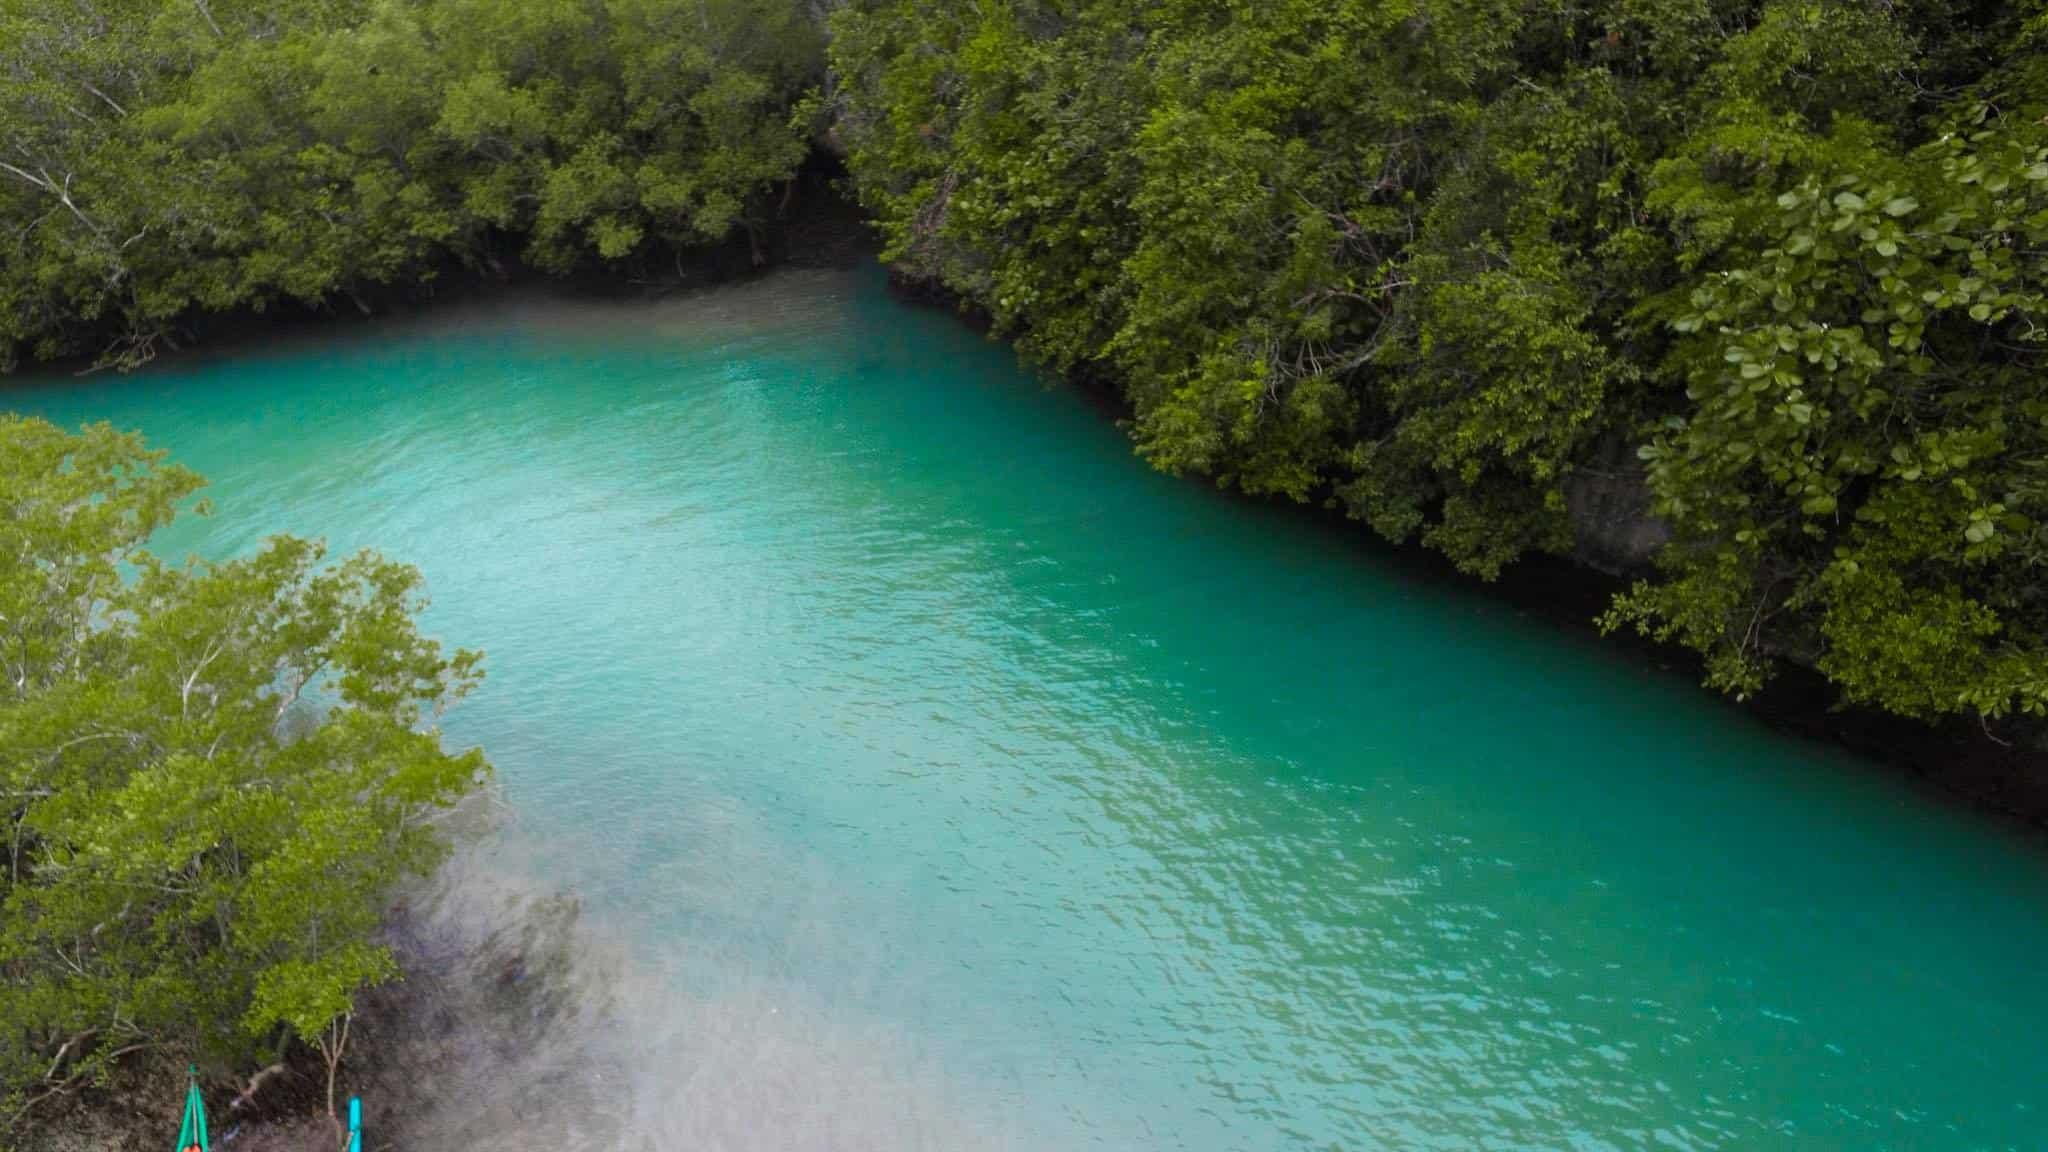 Bojo River Aloguinsan Cebu (11)